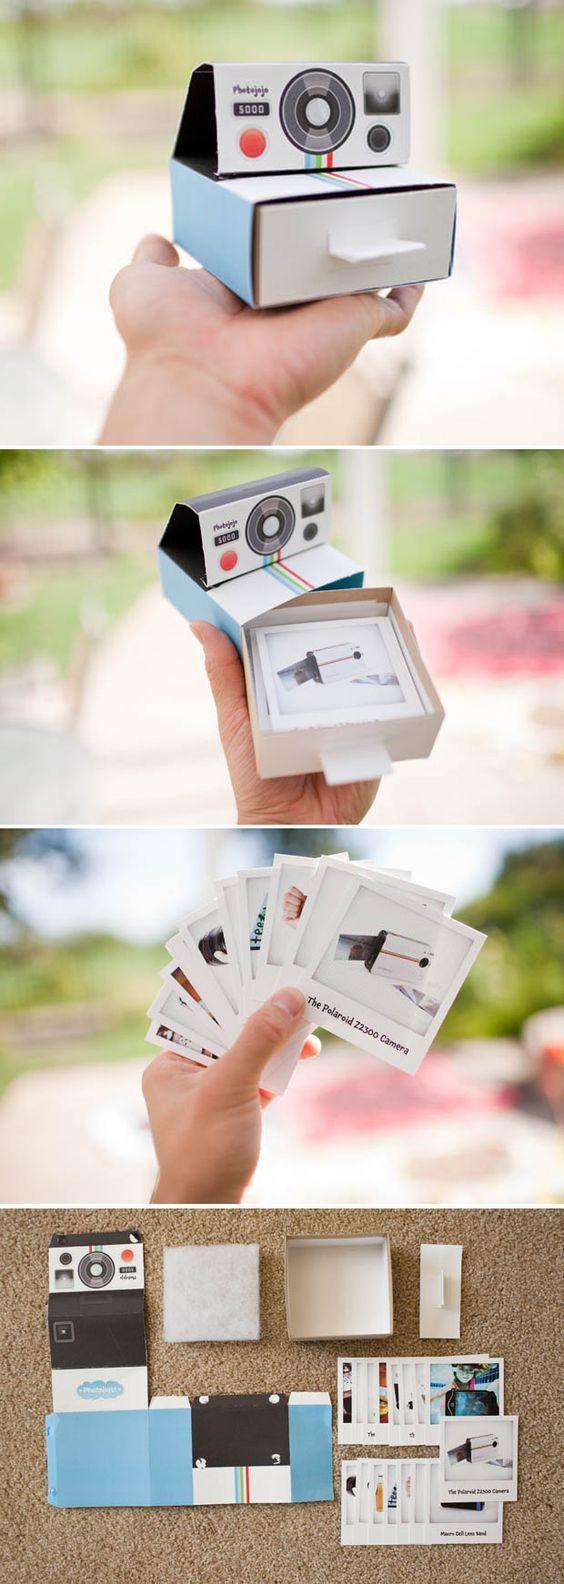 Ideas de Álbumes para fotógrafos creativos. Si quieres guardar tus imágenes en un Álbum para fotógrafo, te dejamos estos diseños súper especiales